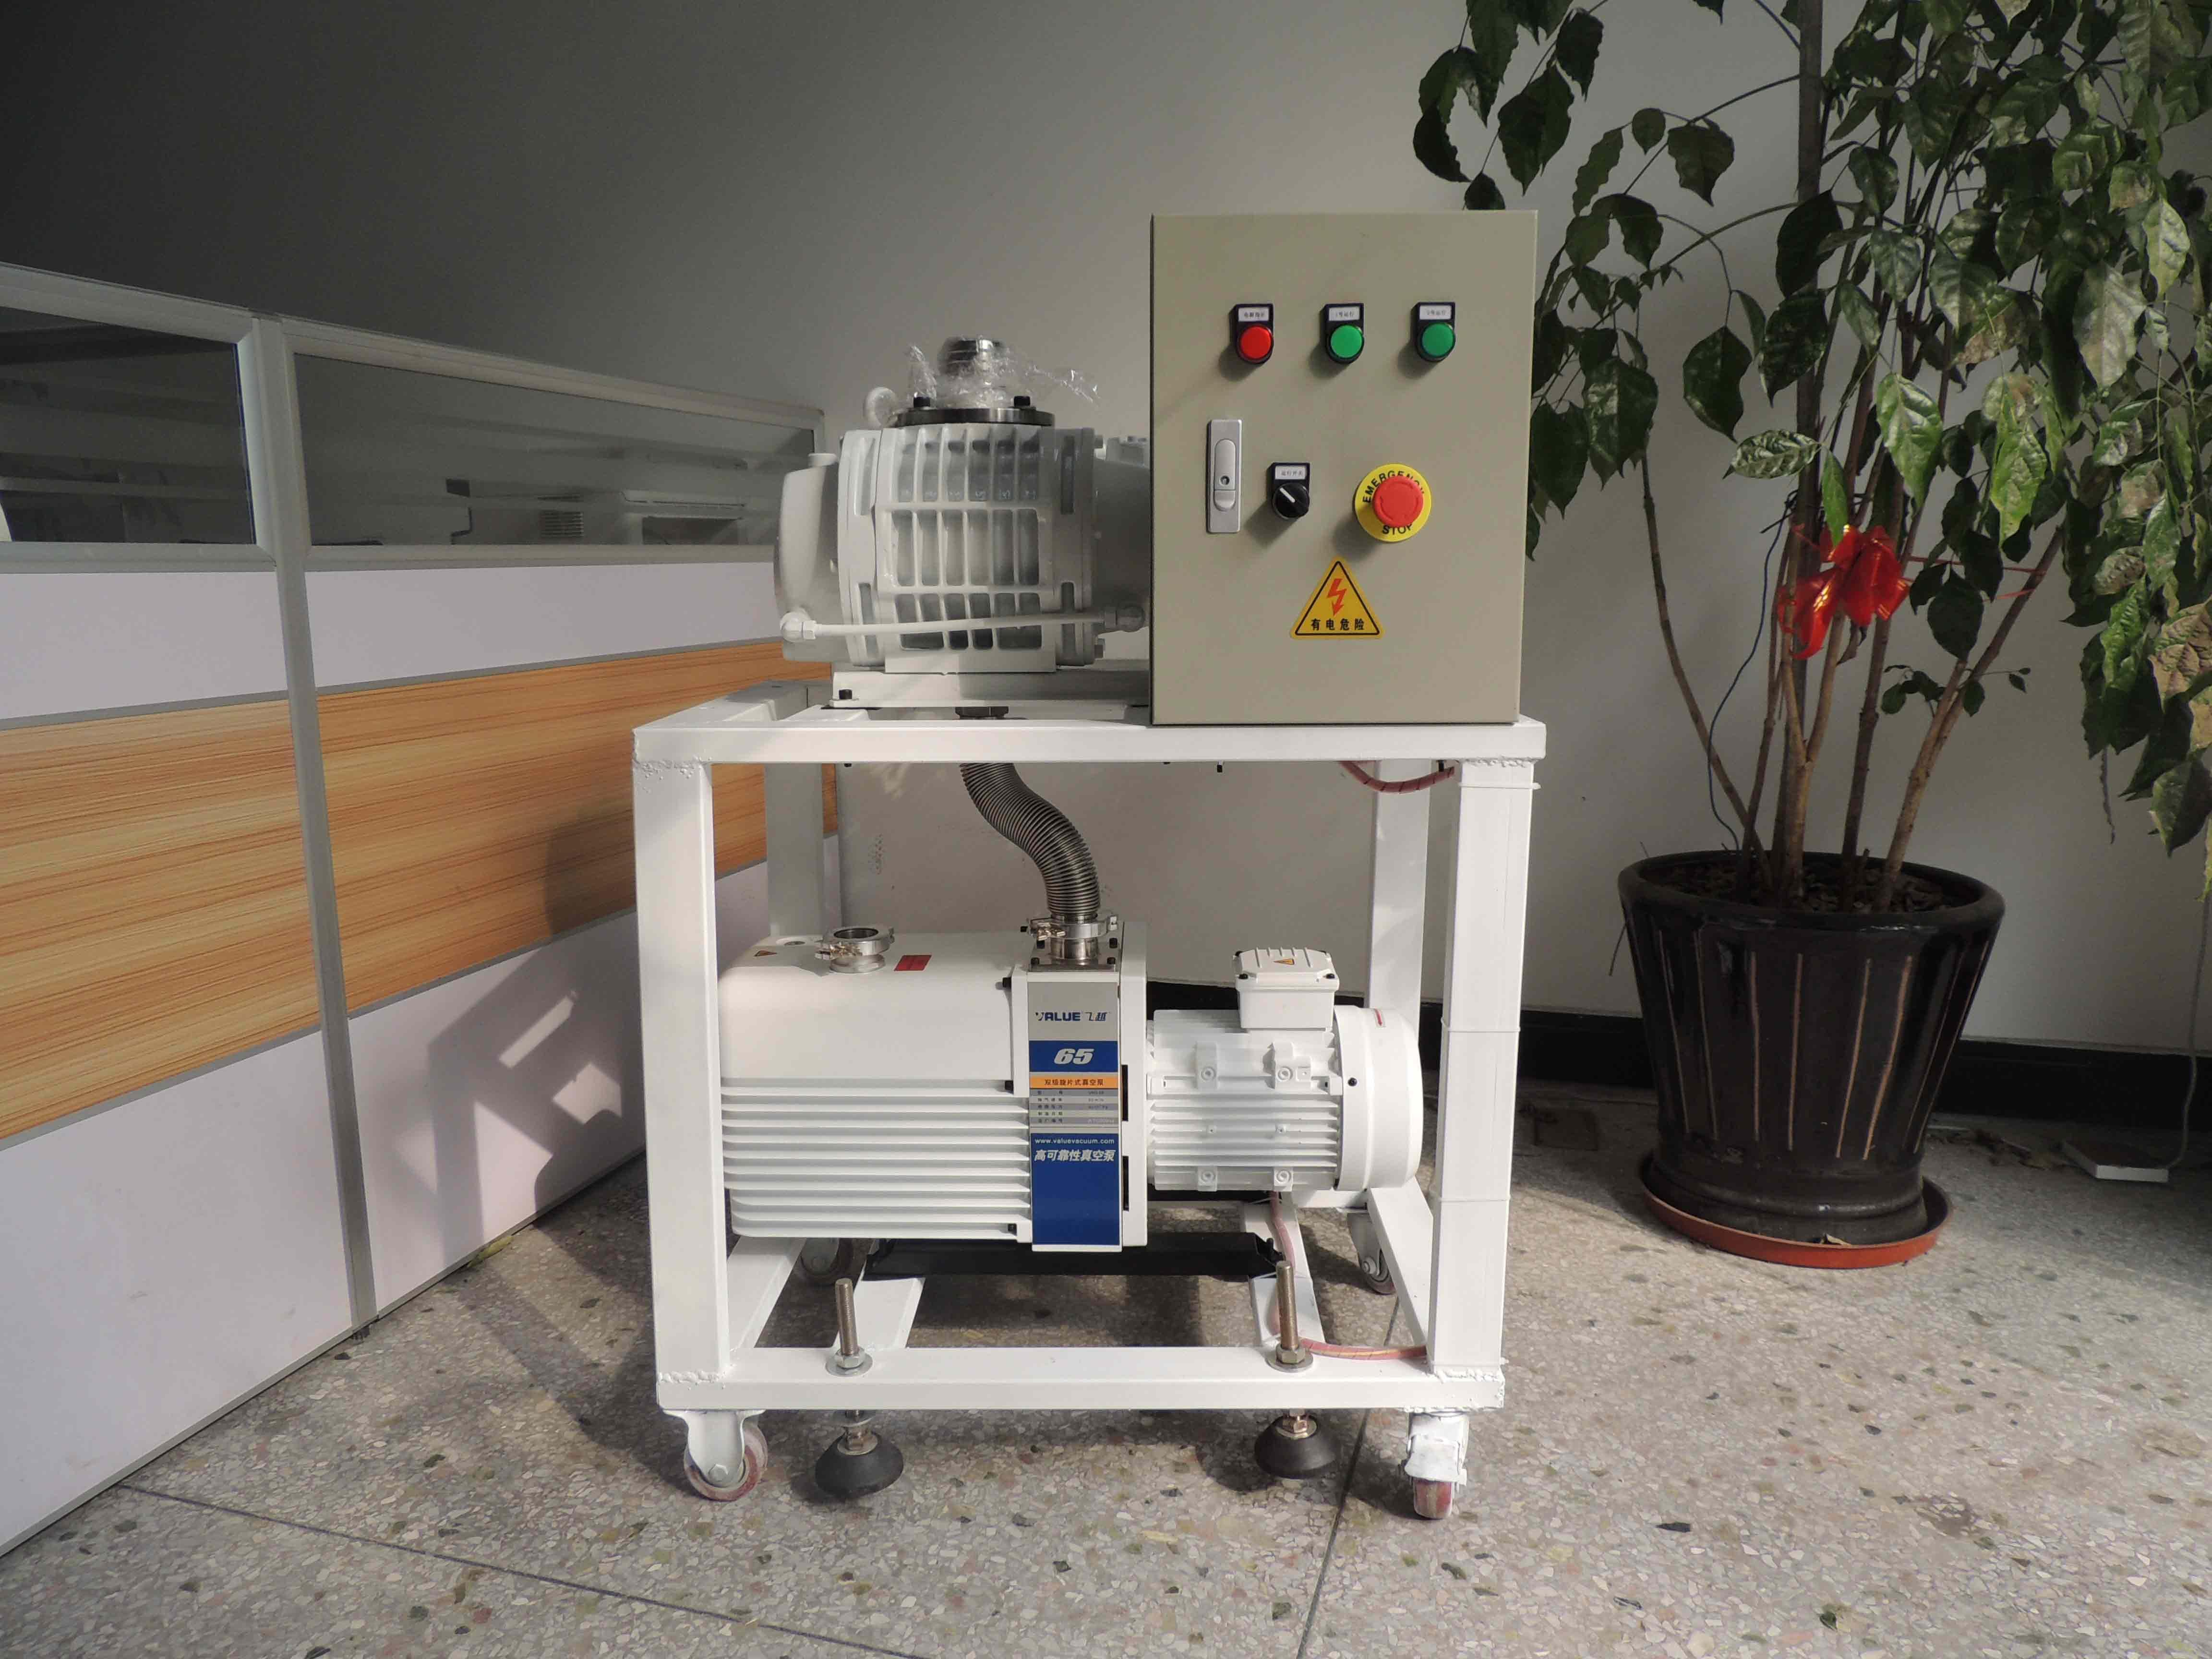 紹興工廠真空負壓站性能如何 貝其樂 工程塑料 管道泵 粗真空度